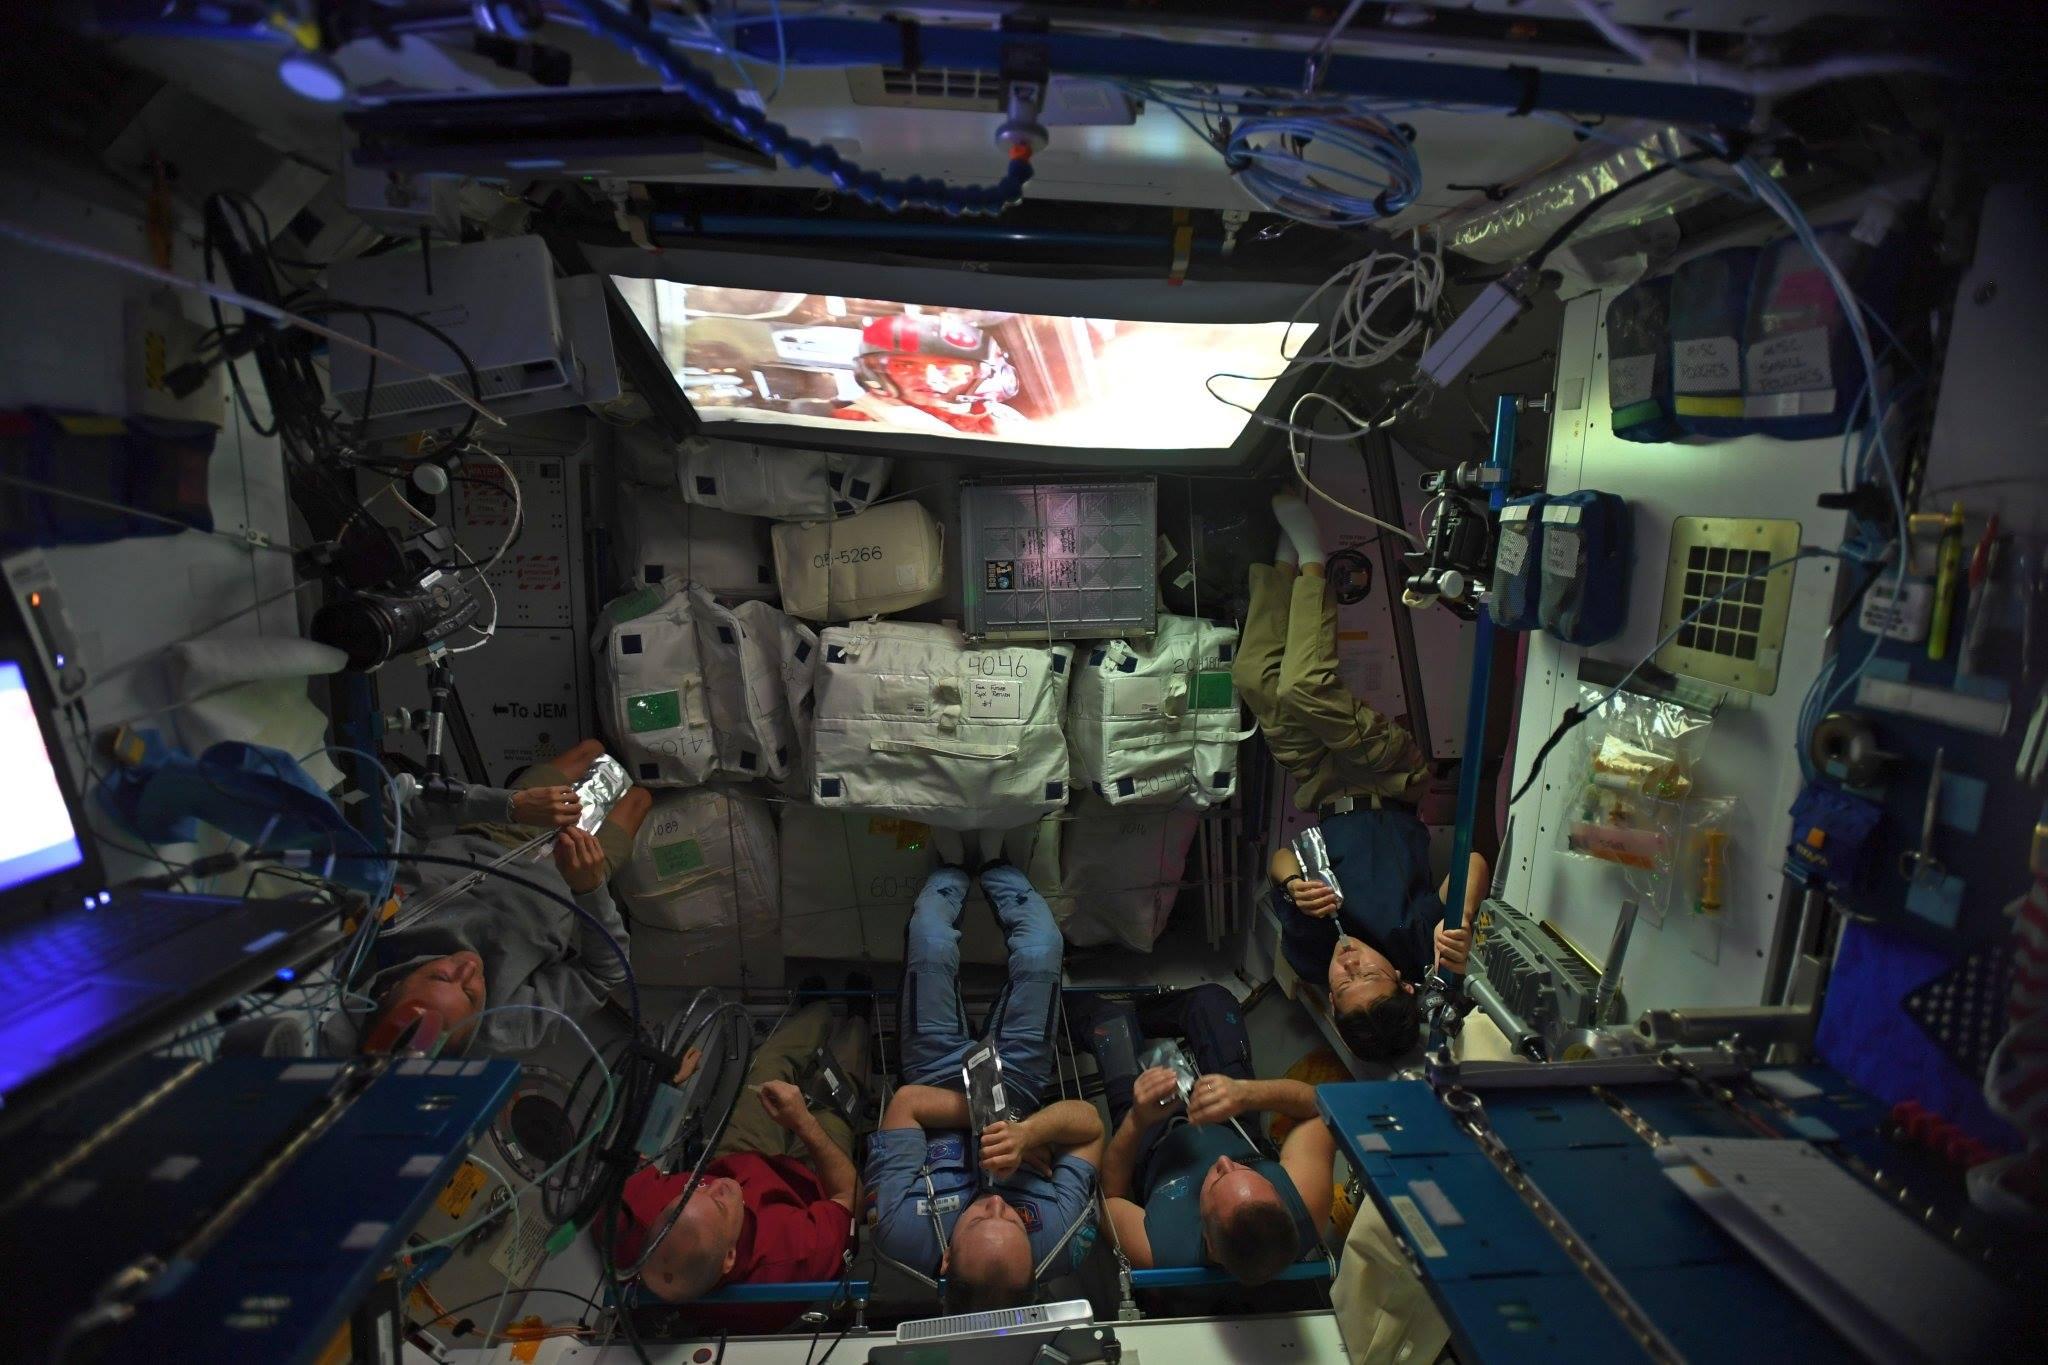 Космонавты МКС пользуются цифровой библиотекой станции.